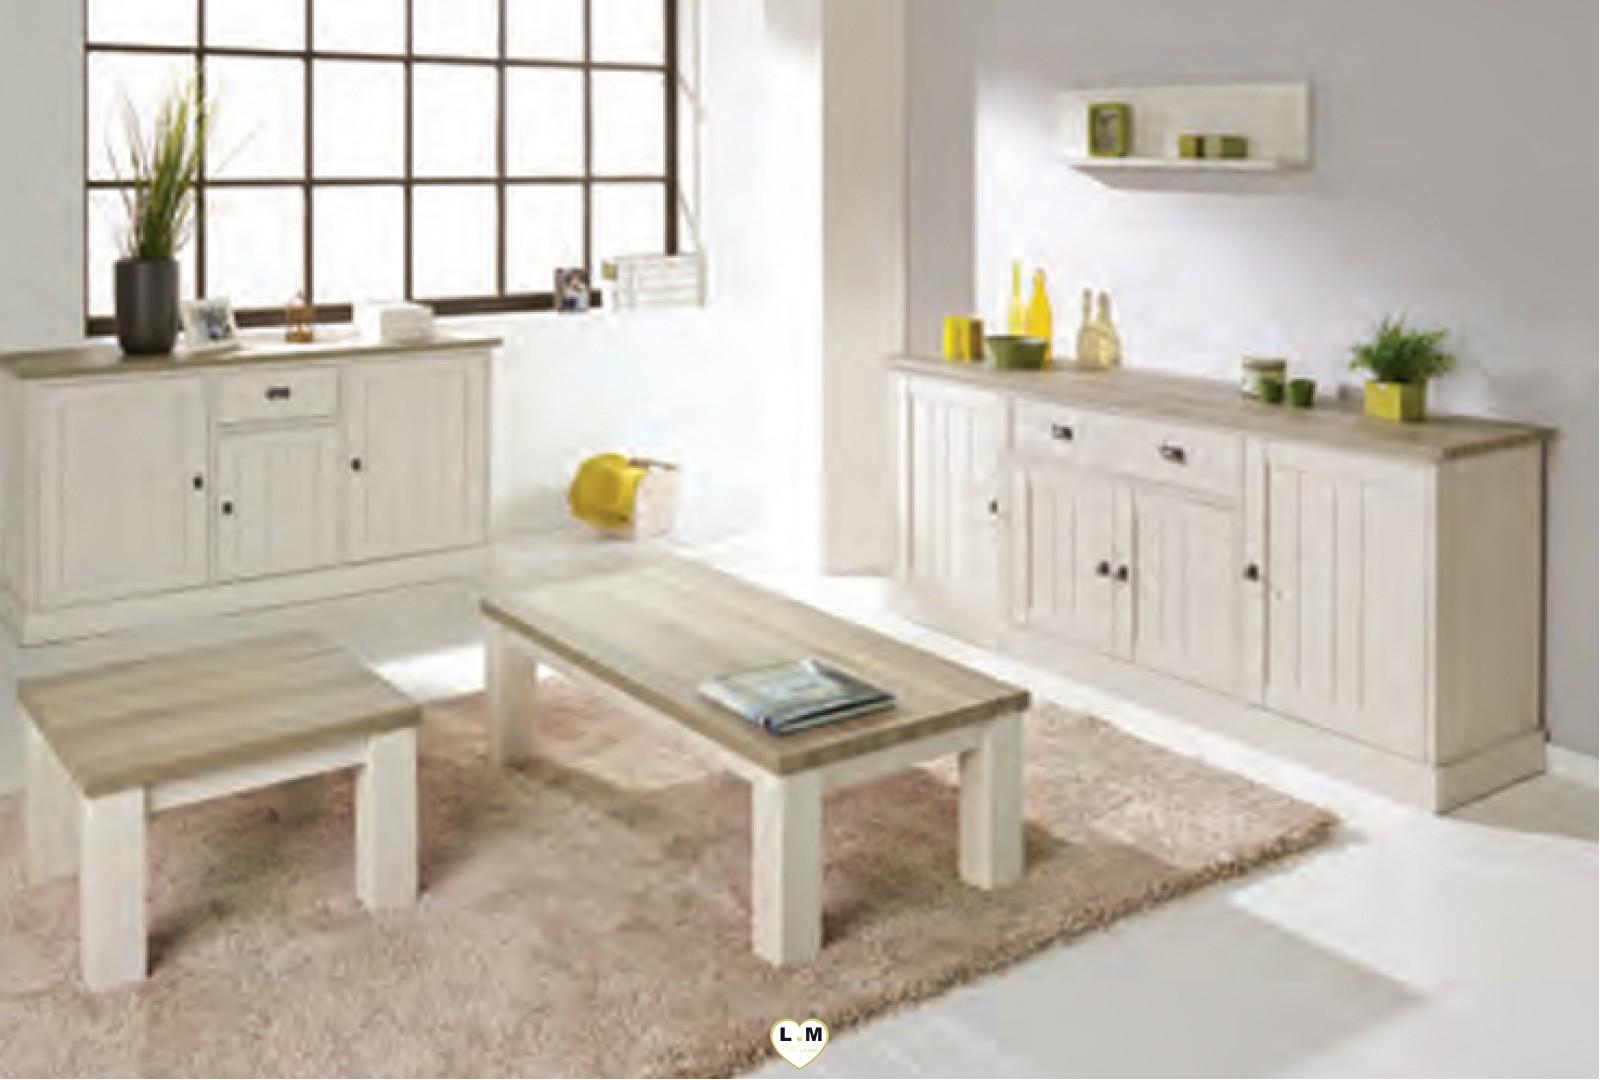 York 1 chene blanc et miel ensemble sejour salle a manger for Ensemble salle a manger blanc